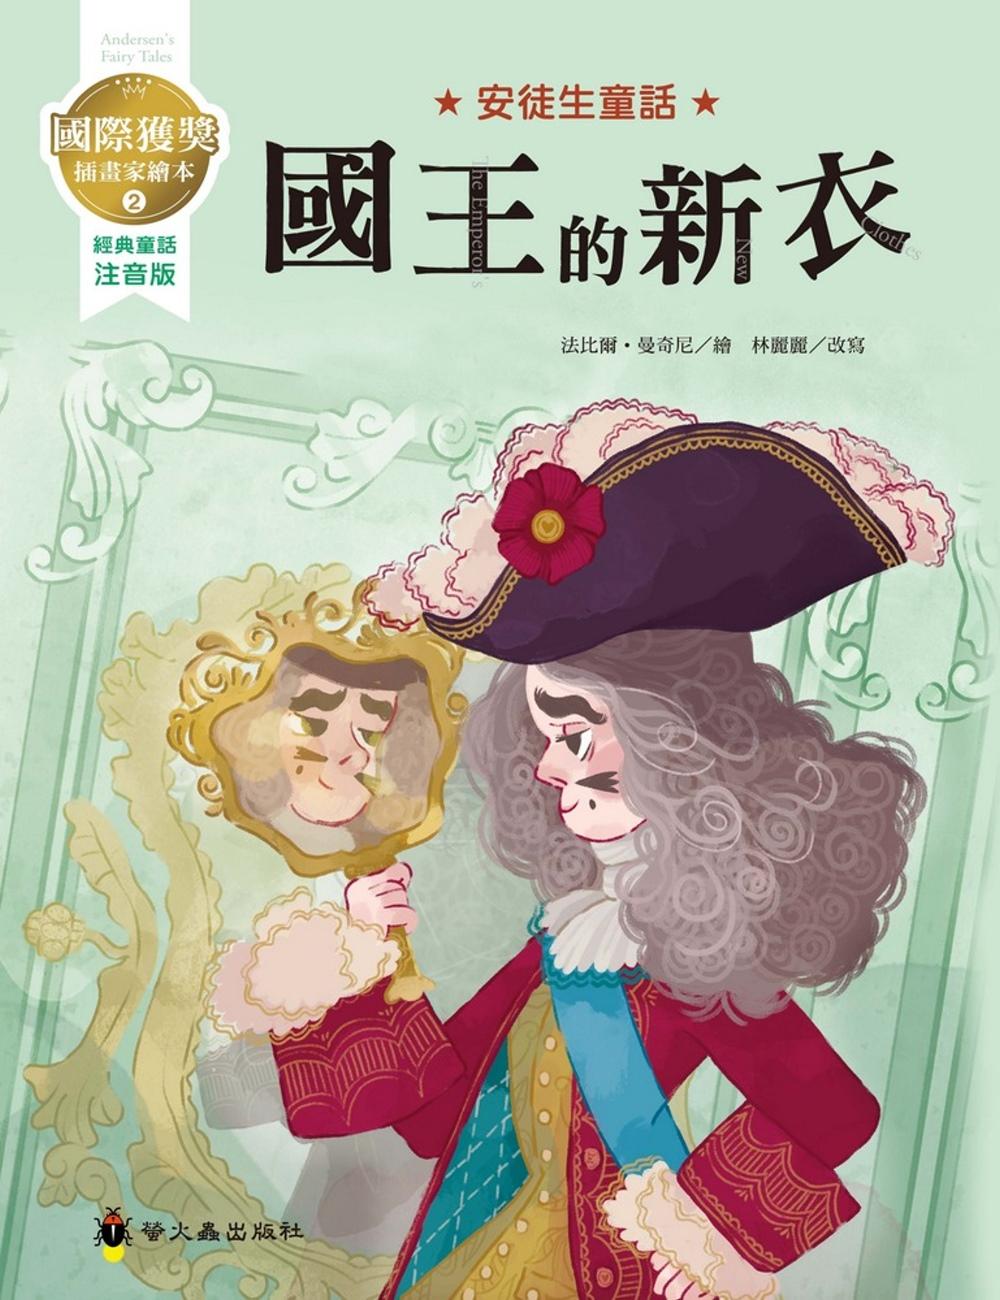 國王的新衣:國際獲獎插畫家安徒生童話繪本